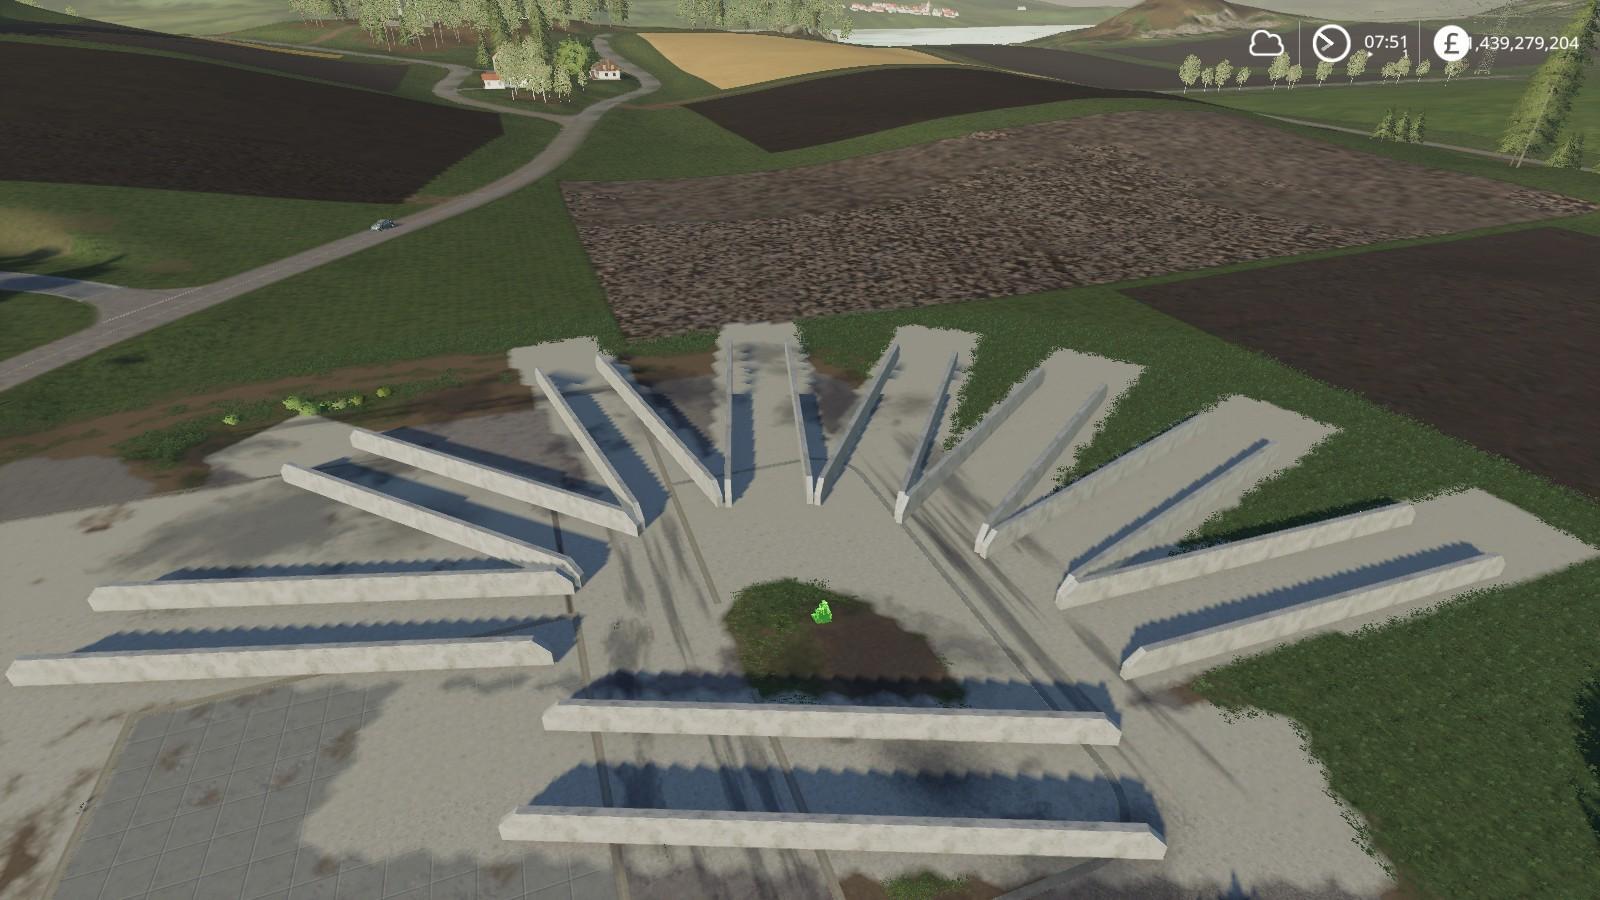 Bunker Silos 360 v 1 0 | FS19 mods, Farming simulator 19 mods